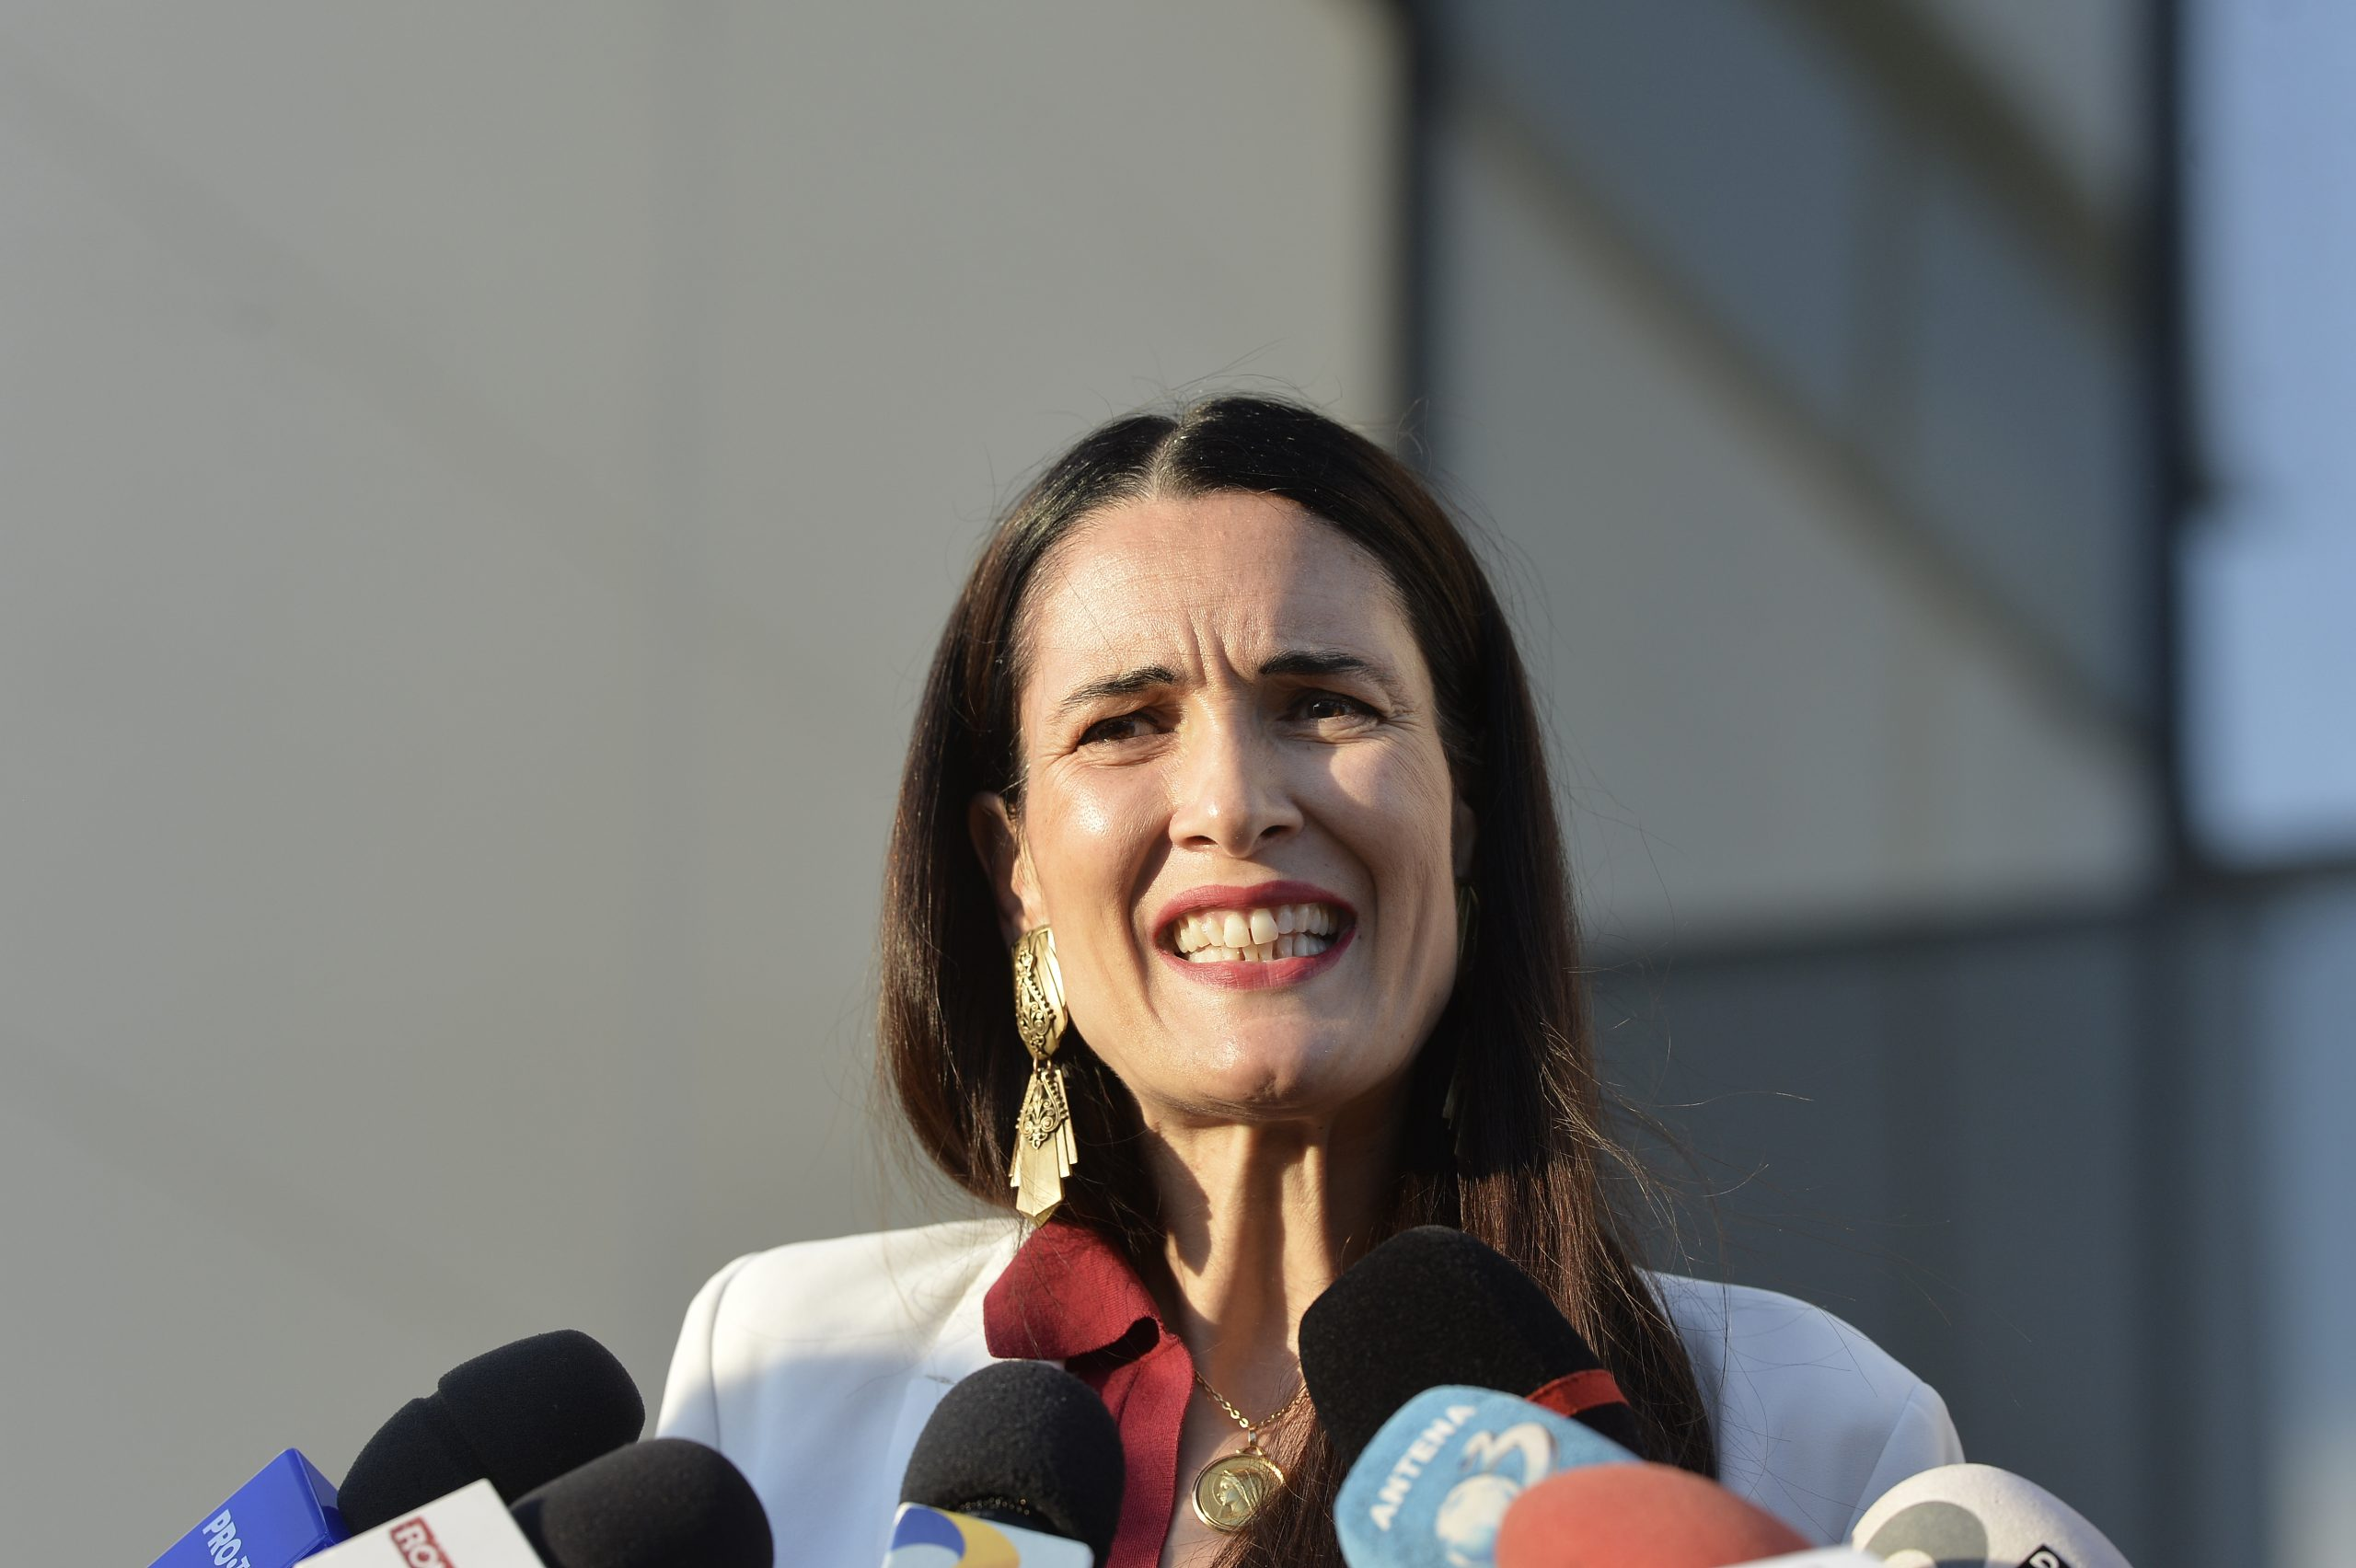 Primarul Clotilde Armand face apel la consilierii locali din Sectorul 1 să o mandateze pentru rezilierea în justiție a contractului cu Romprest